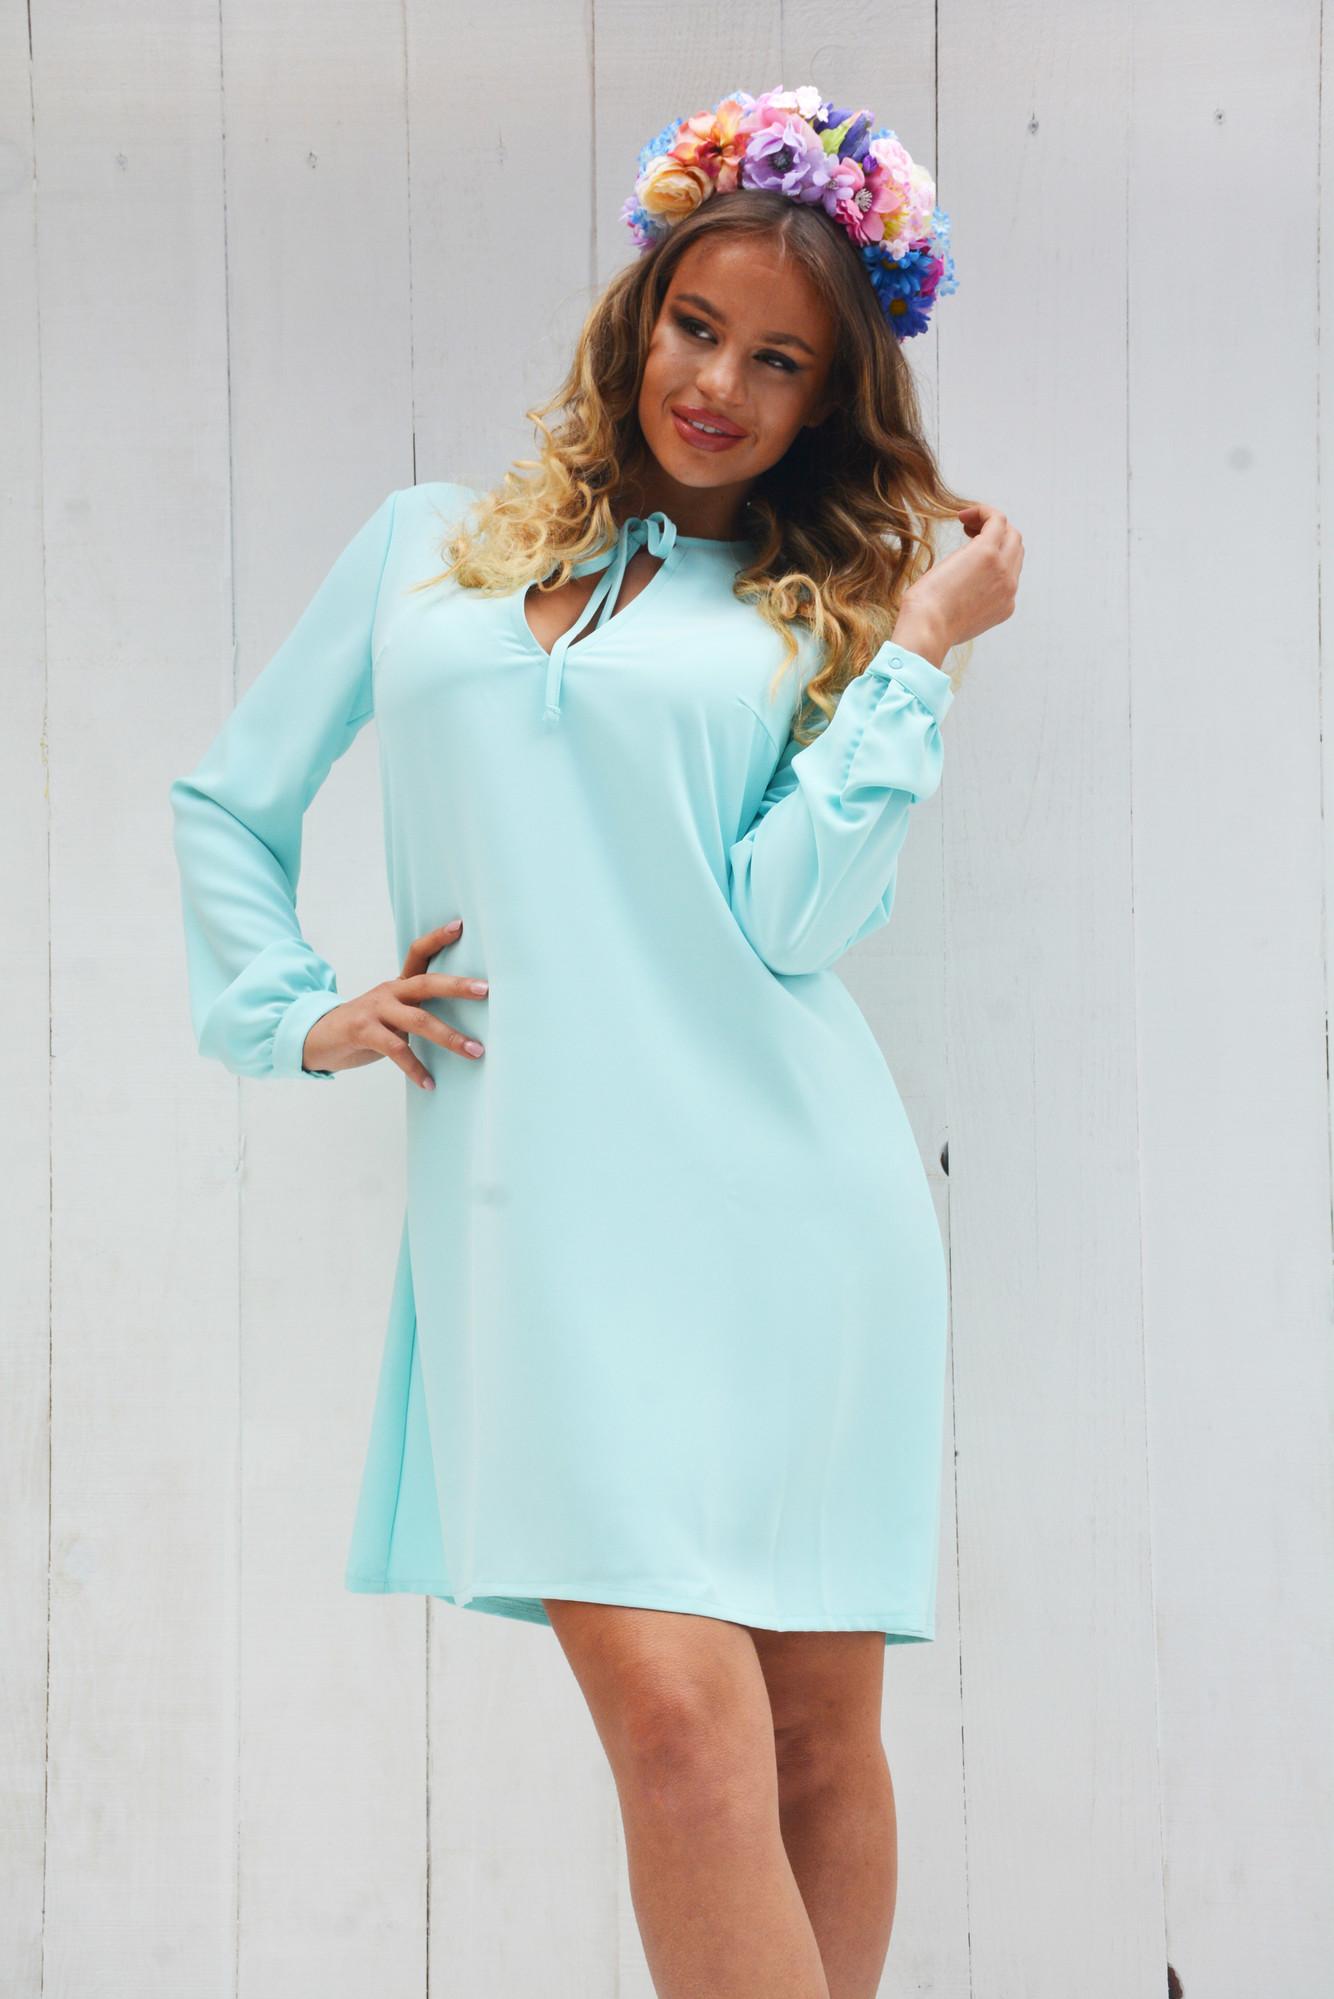 f67abf4f0d27 Dámske modré šaty voľného strihu LUXURY - M - BOUTIQUE.SK